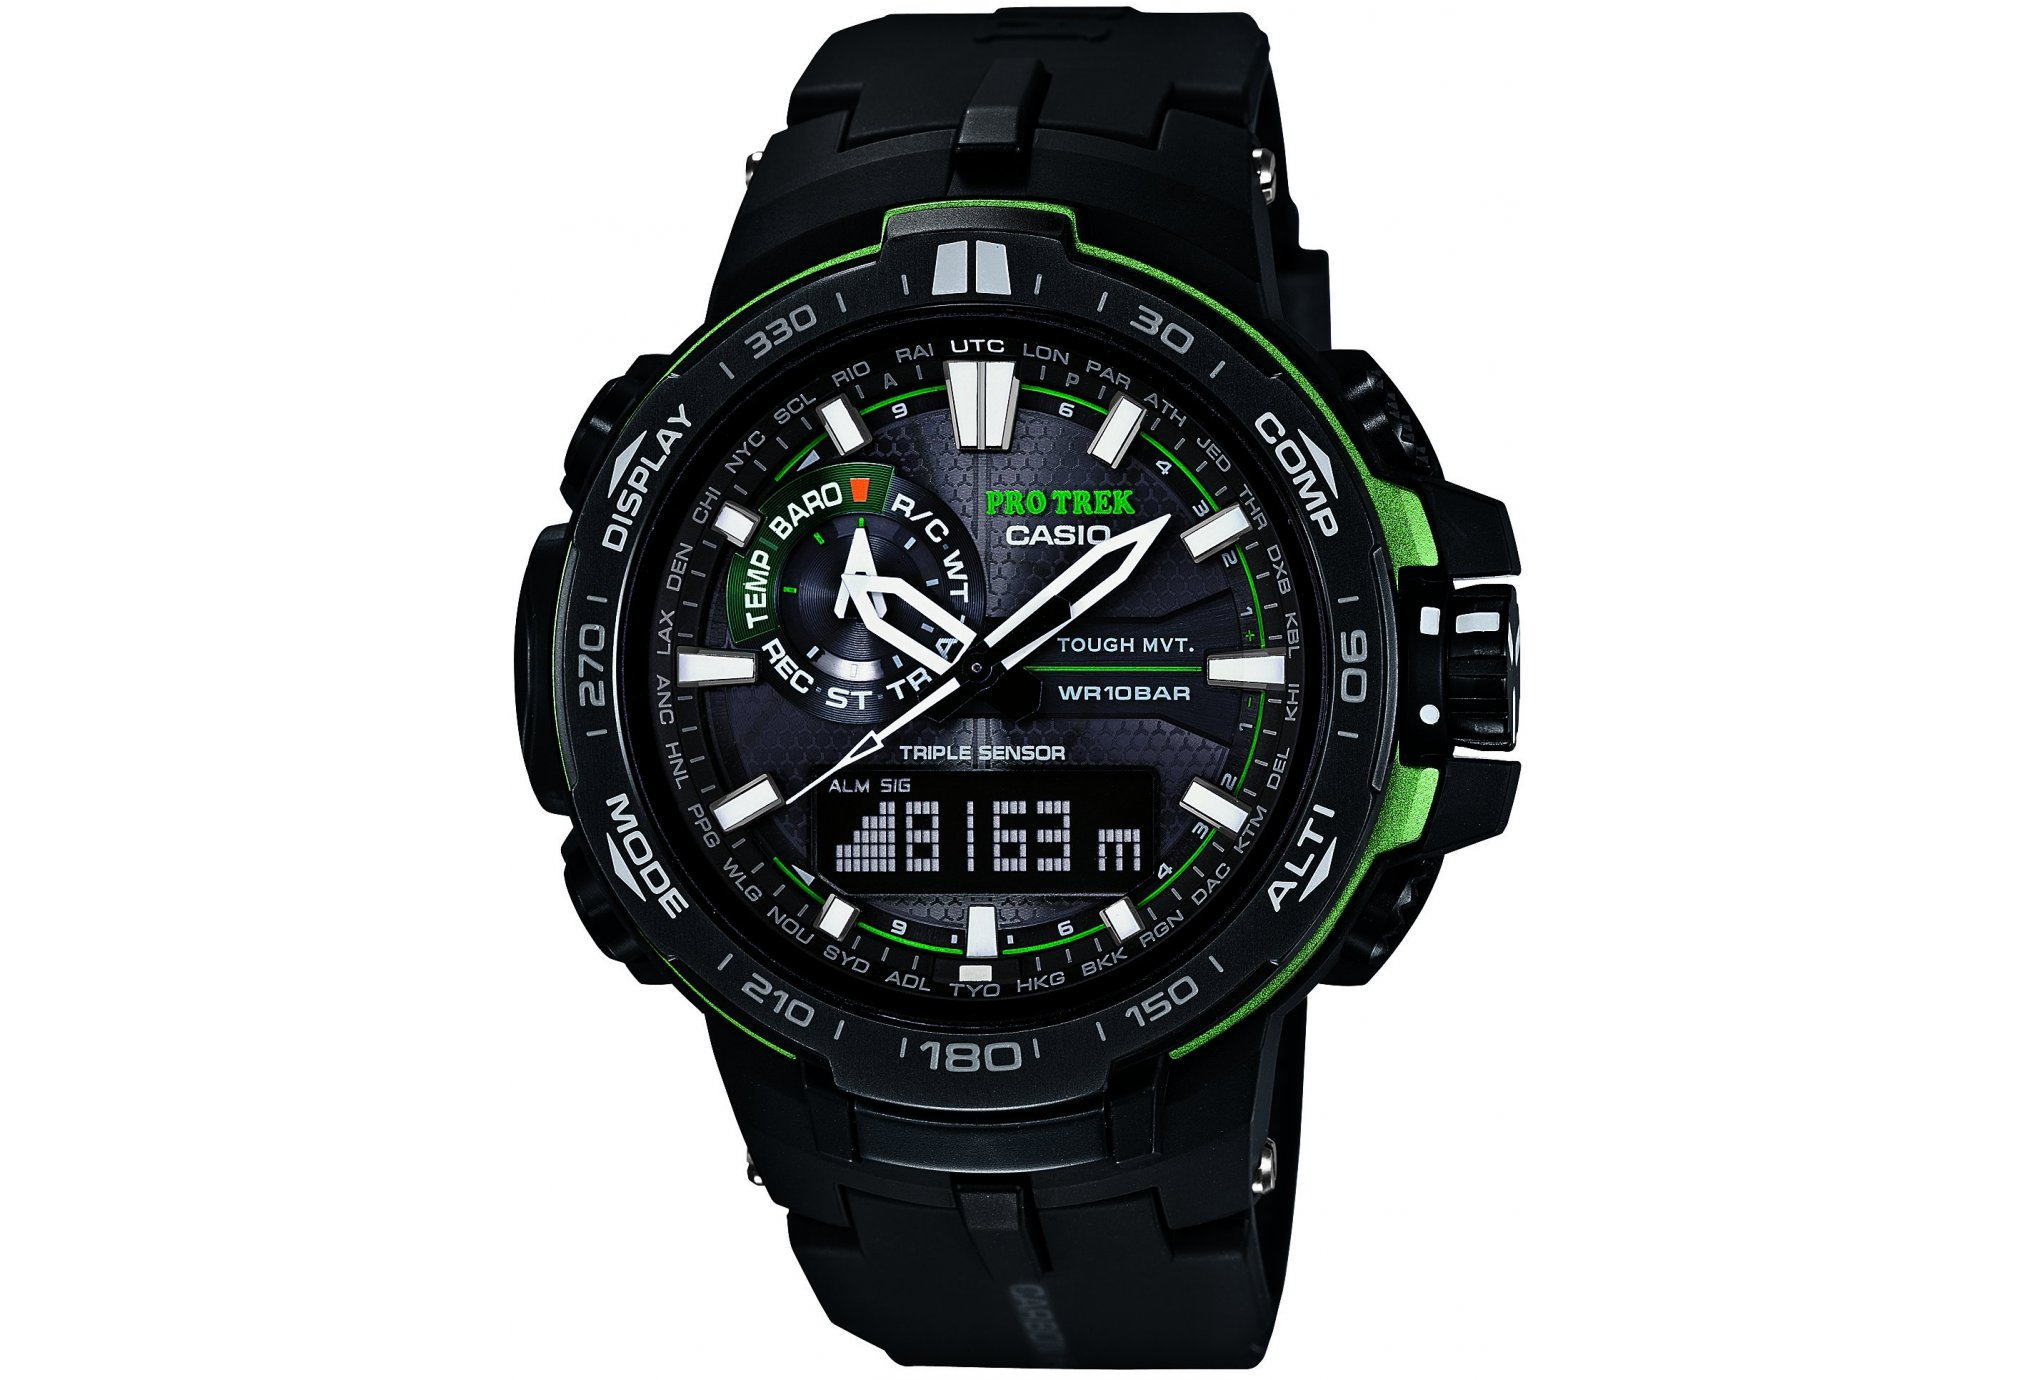 Casio Pro trek prw-6000y montres de sport